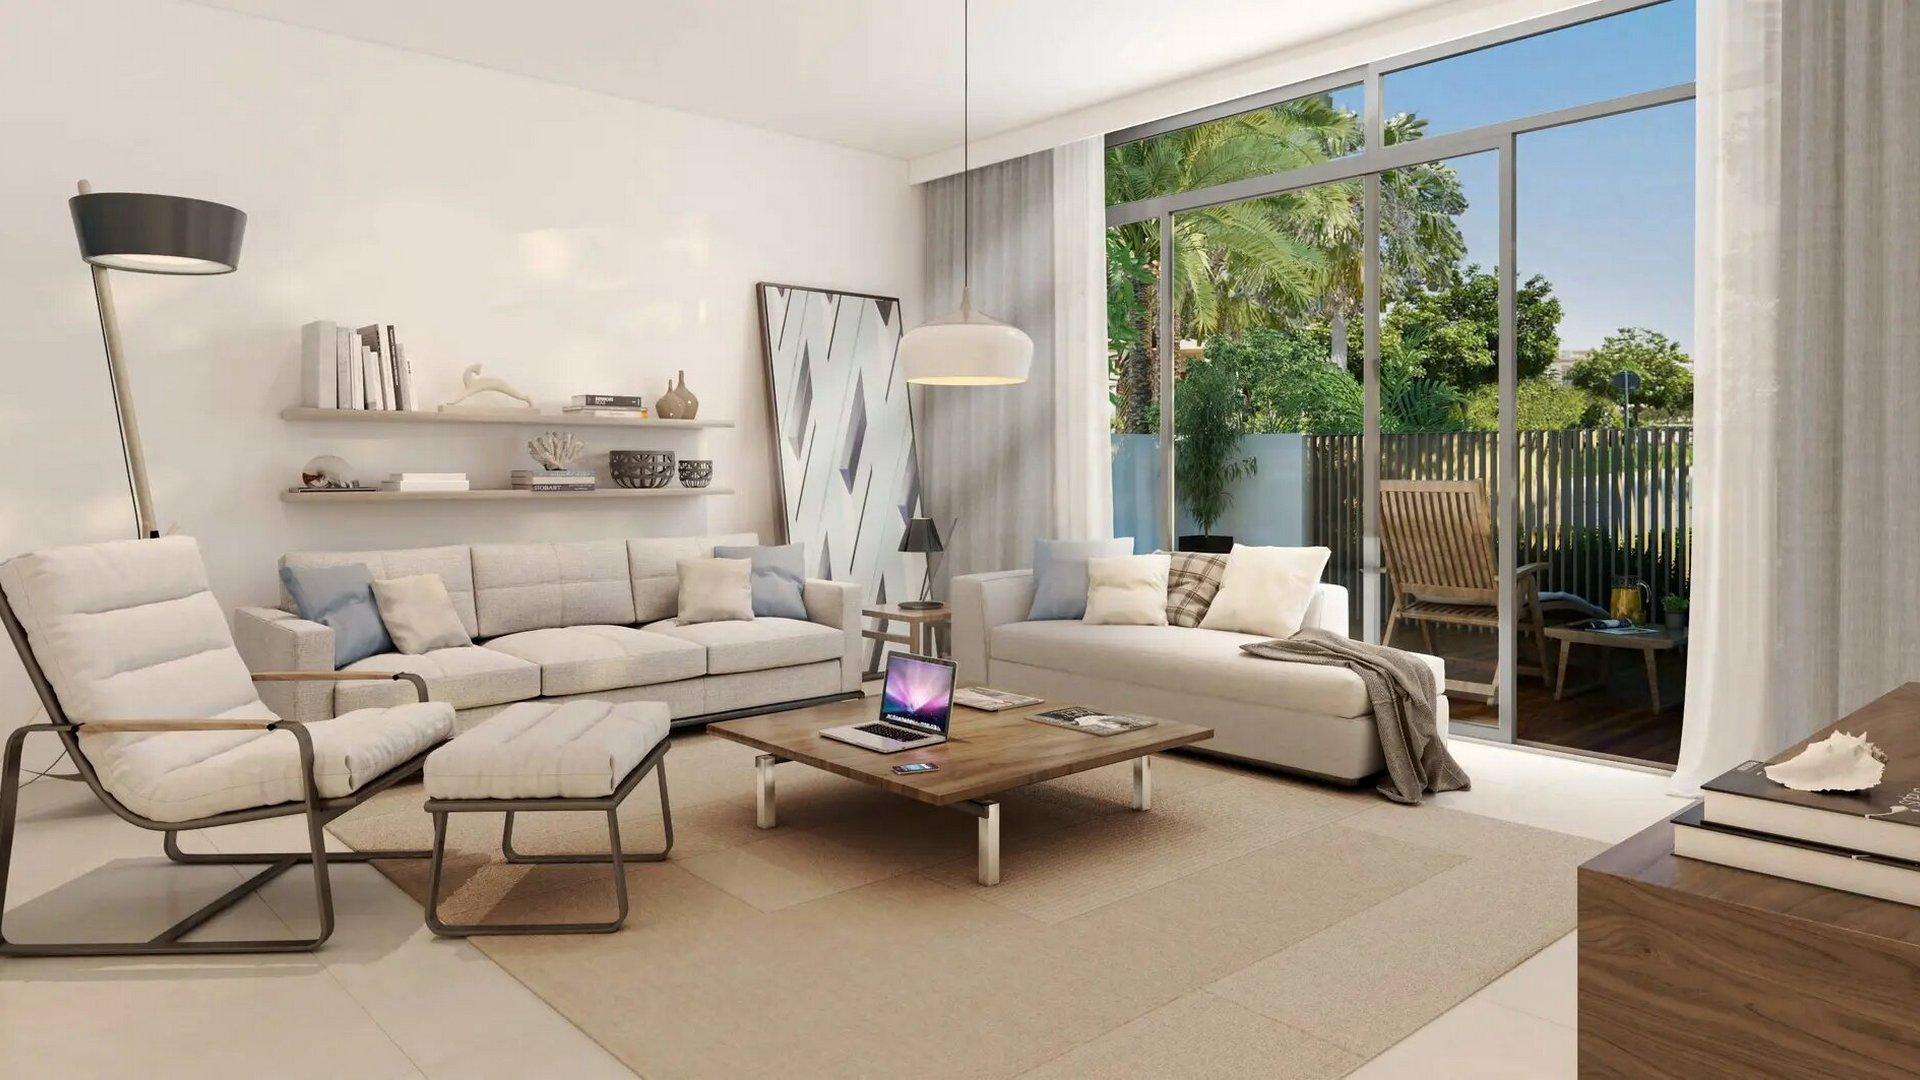 Adosado en venta en Dubai, EAU, 3 dormitorios, 434 m2, № 24268 – foto 4